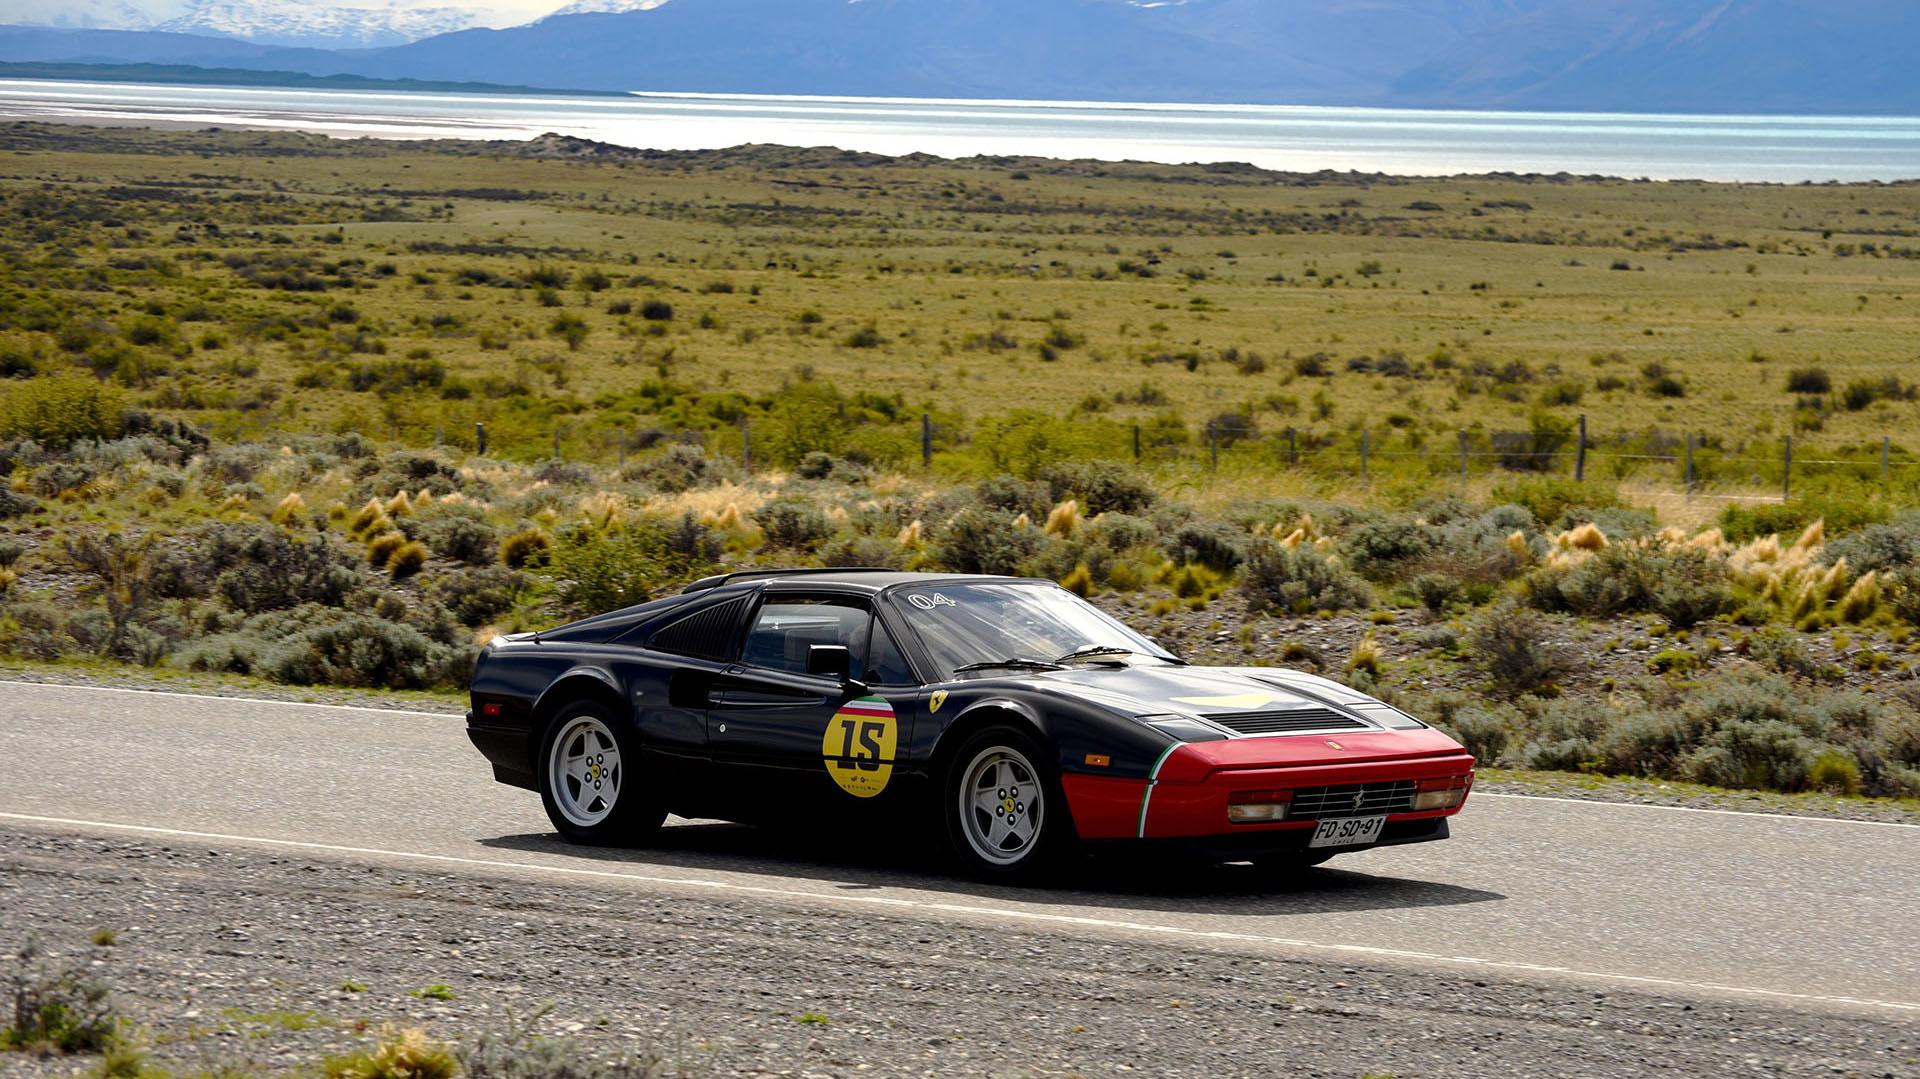 El ejemplar más antiguo que integró el Passione Unica Ferrari fueun 328 GTS de 1985 pintado en rojo y negro. El deportivo clásico fue fabricado entre mediados de la década del 80 y principios de la del 90